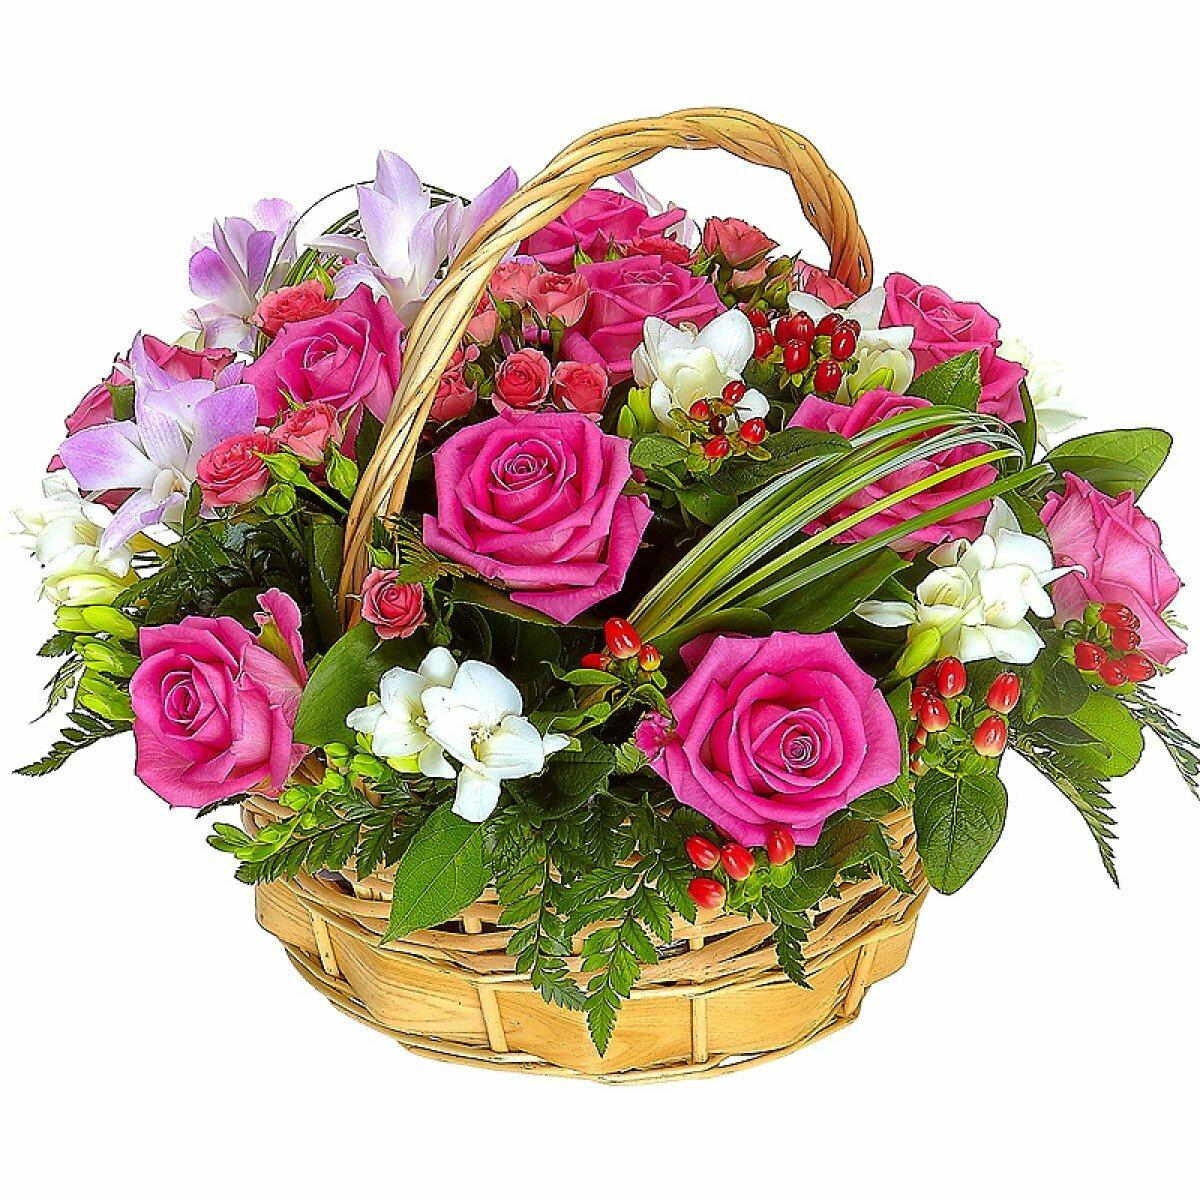 Картинки с поздравлением цветы, автомобилиста